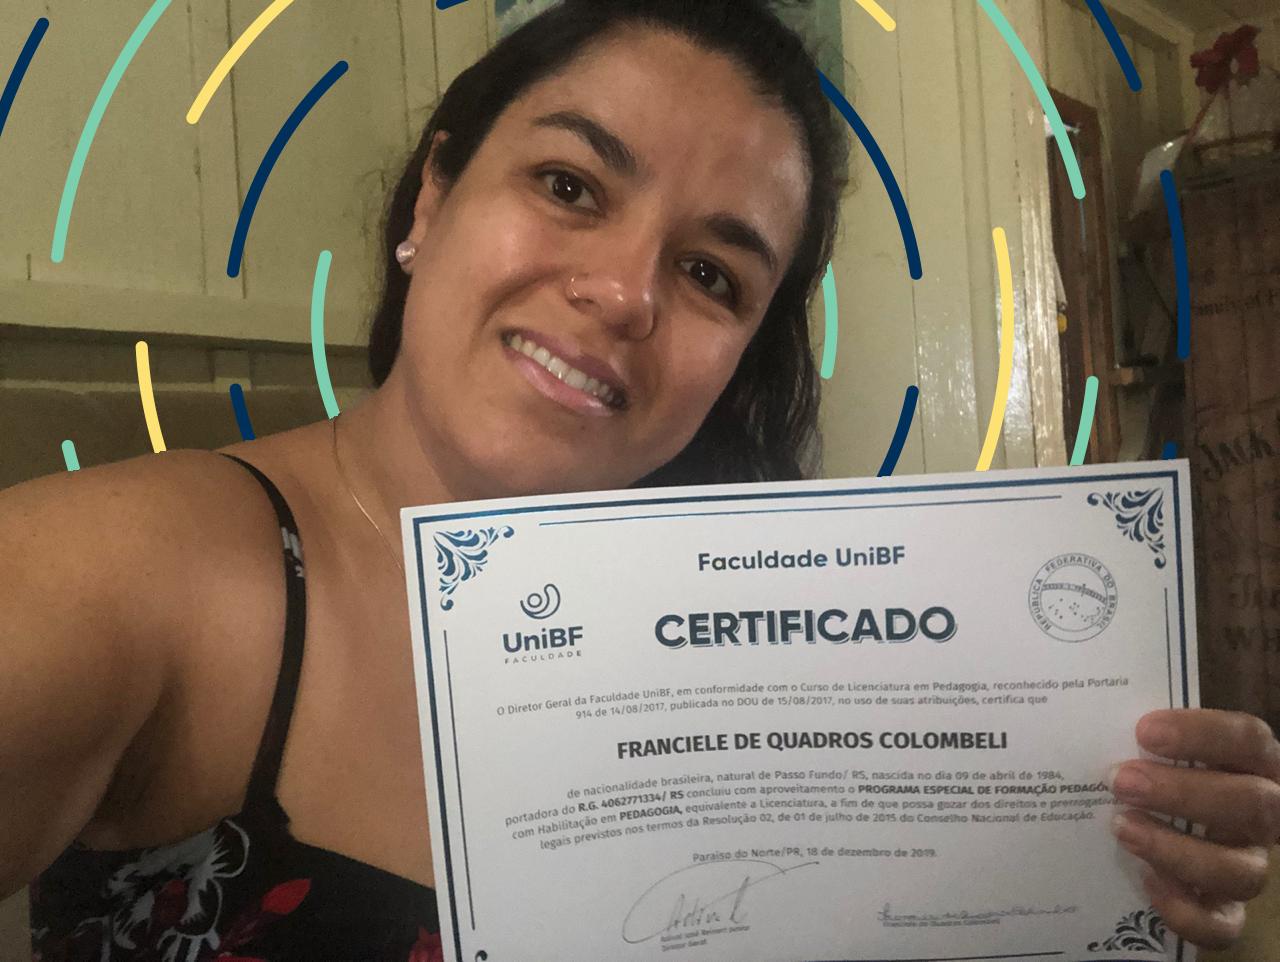 Pedagogia: nossa aluna Franciele se formou e agora é uma consultora da UniBF!